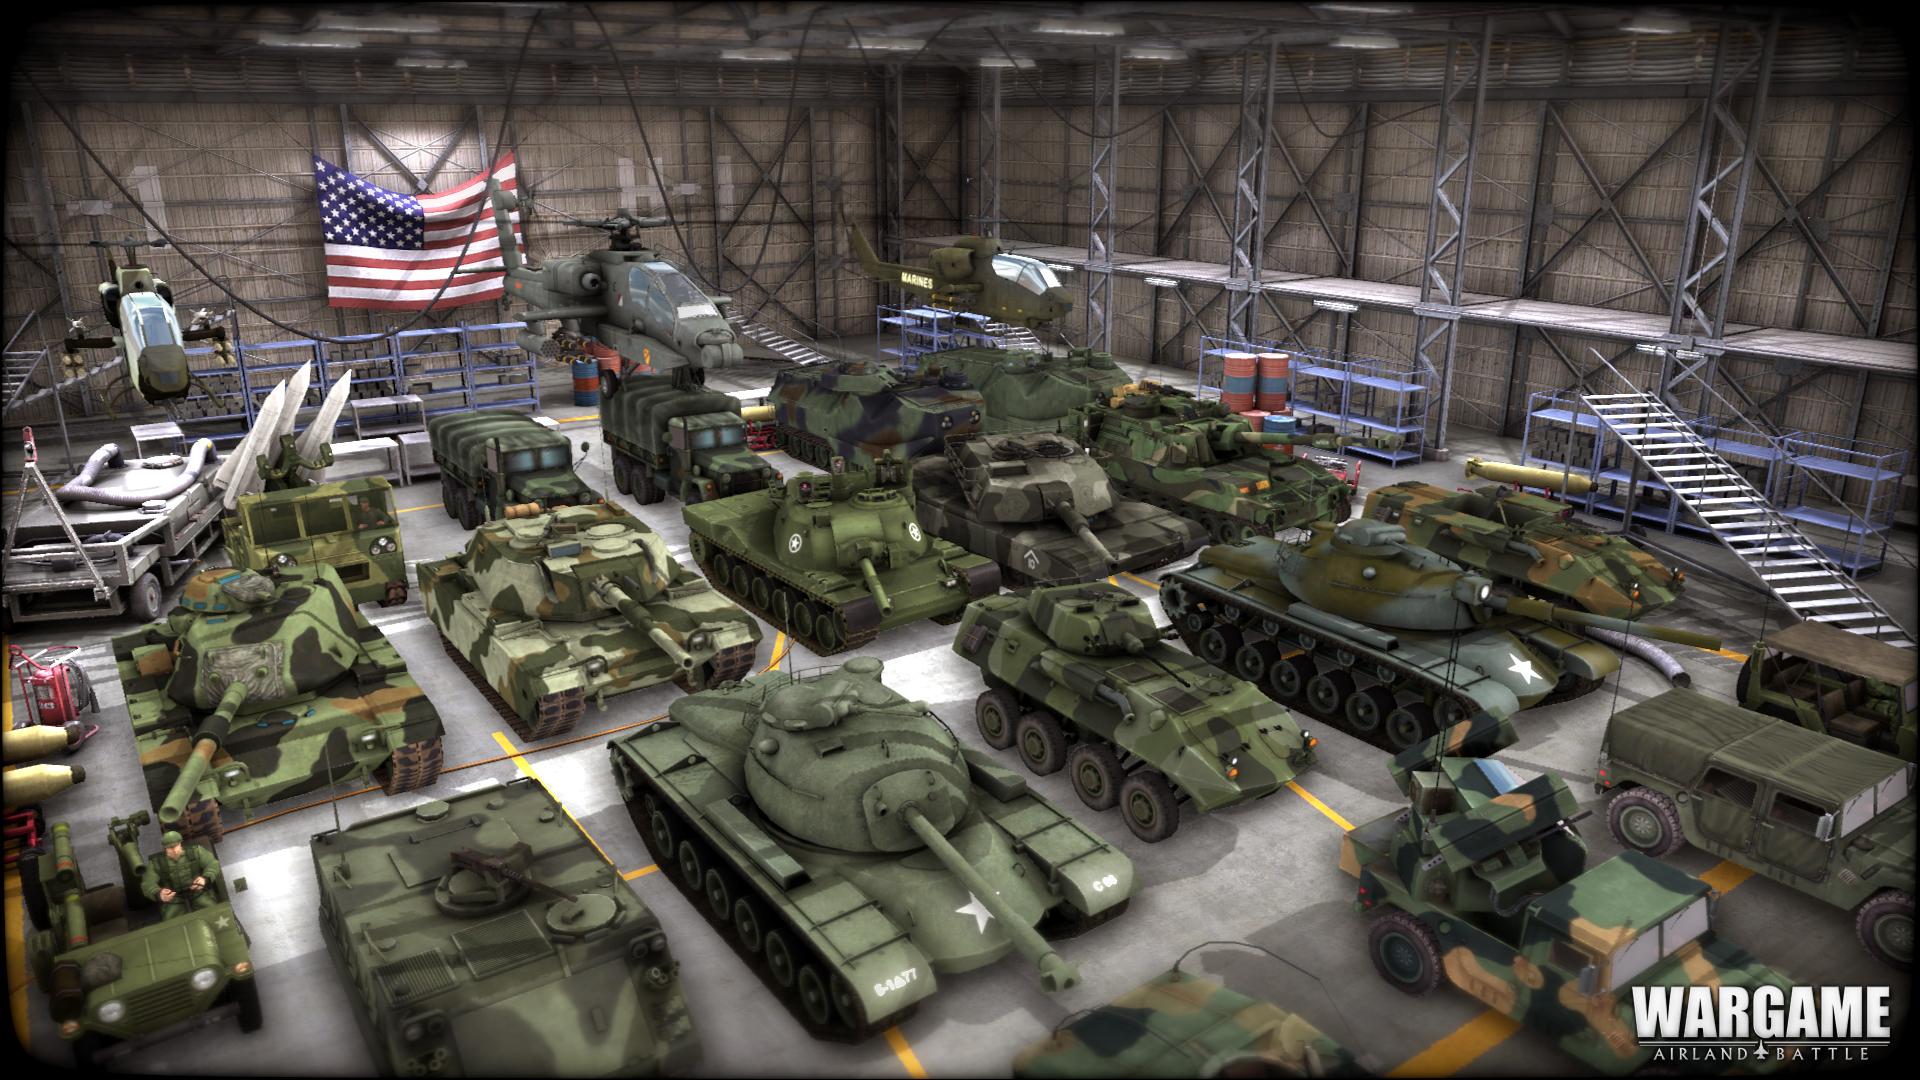 Wargame-Airland-Battle-Free-Game-Setup-Download